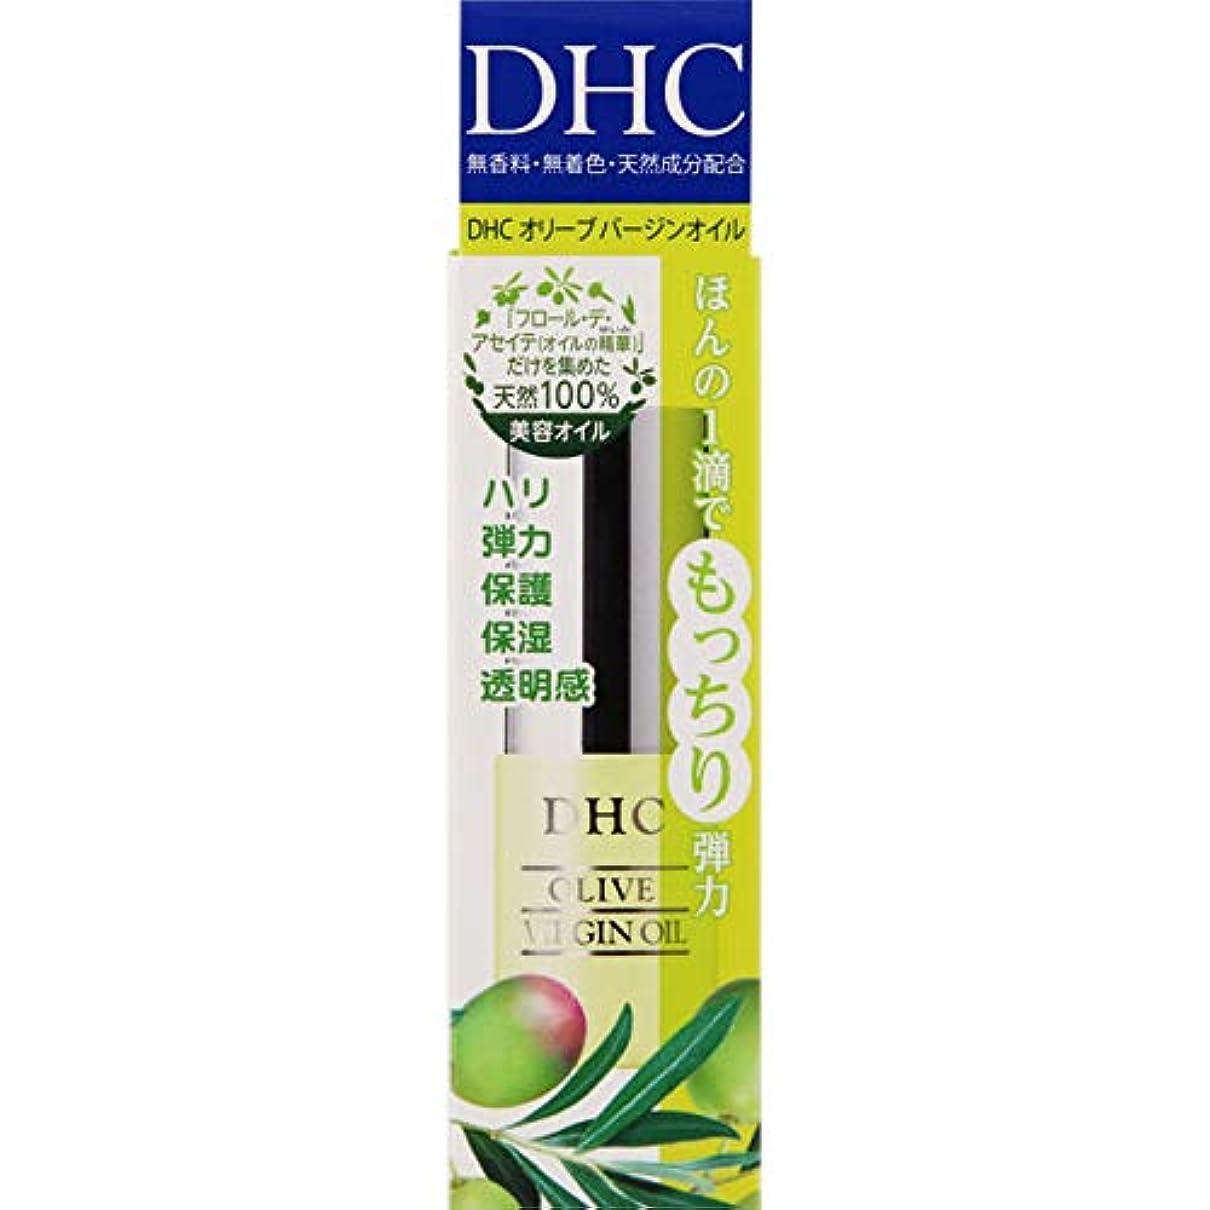 スカイ温室研究DHC オリーブバージンオイル(SS) 7ml